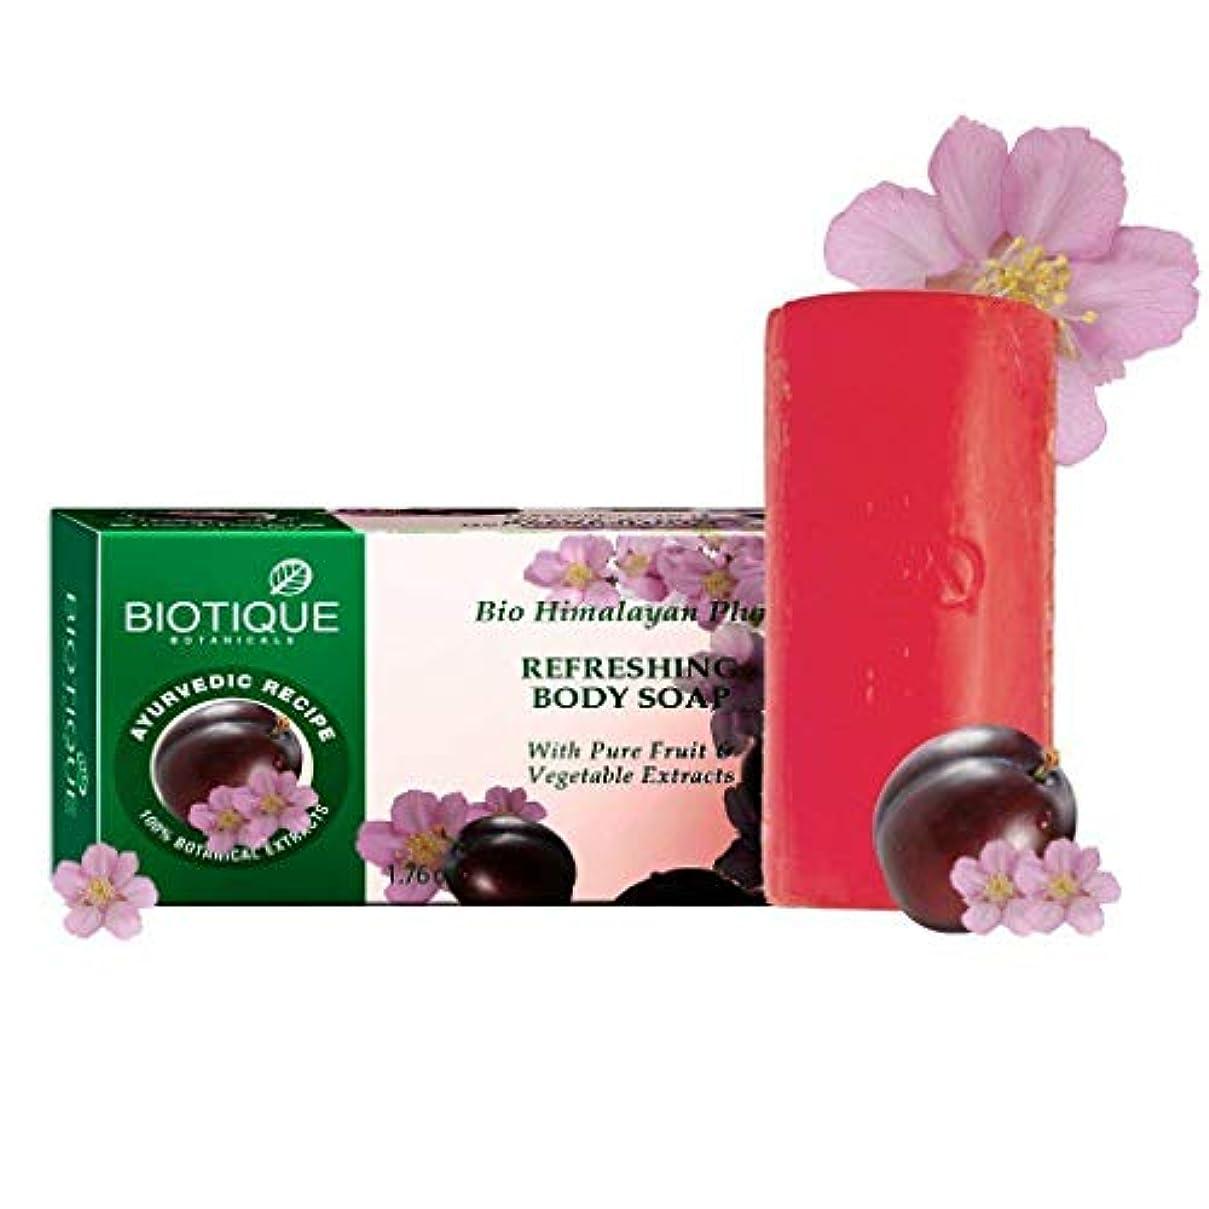 行進補う無効にするBiotique Orange Peel Revitalizing Body Soap 150 gm (Pack of 2) Unique Soap ビオティックオレンジピールリバイタライジングボディソープユニークソープ